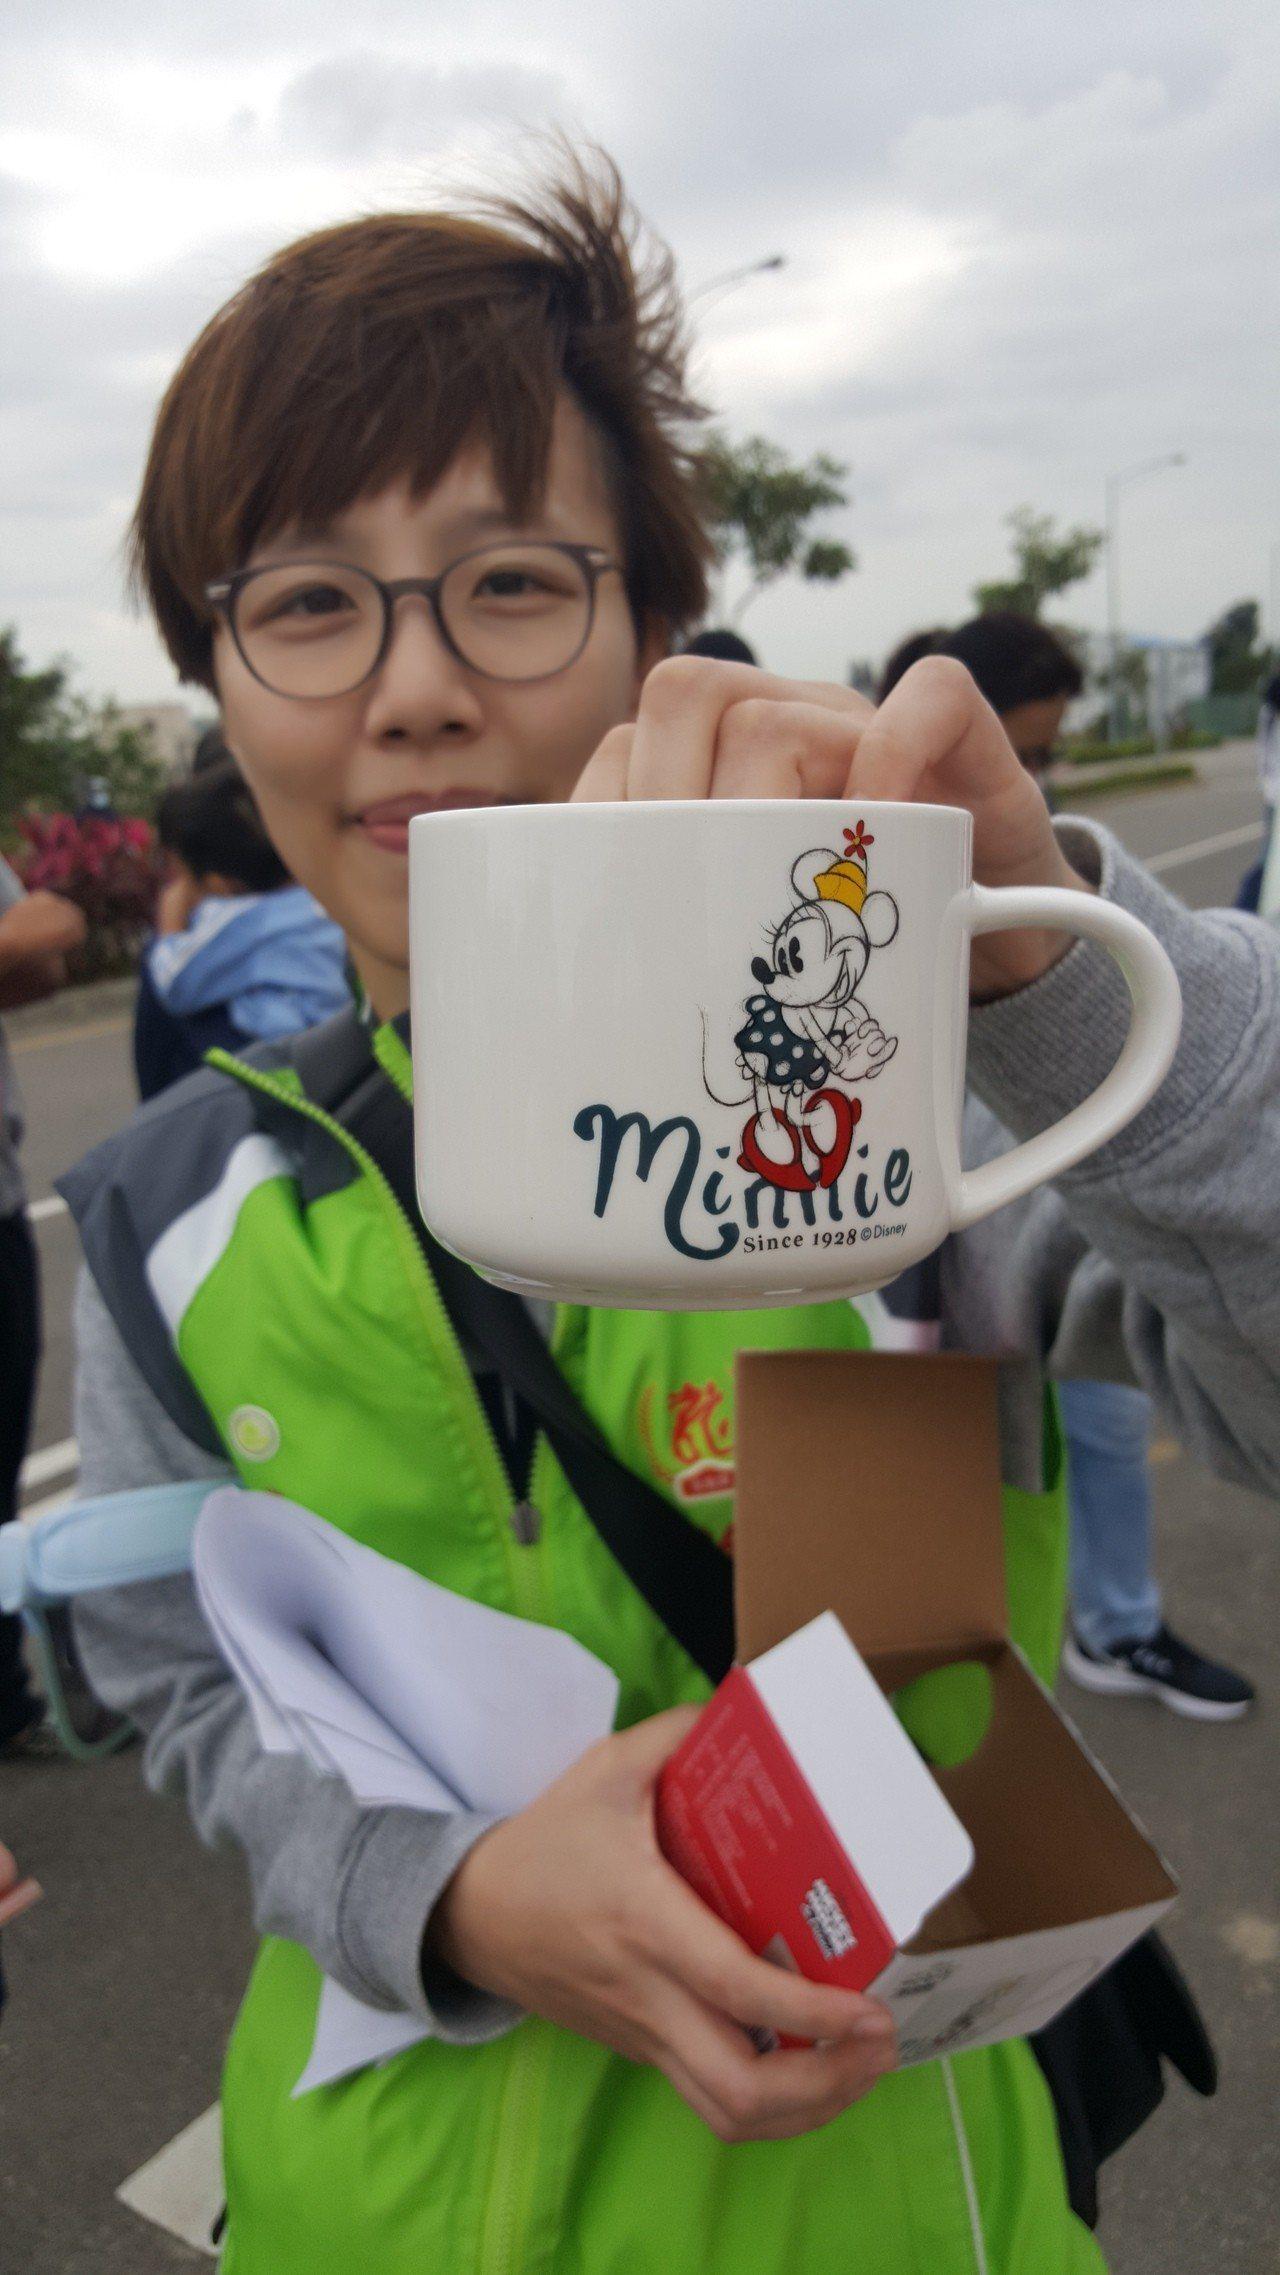 報名參加焢窯鄉親每人可獲馬克杯的精美小禮物。記者胡蓬生/攝影